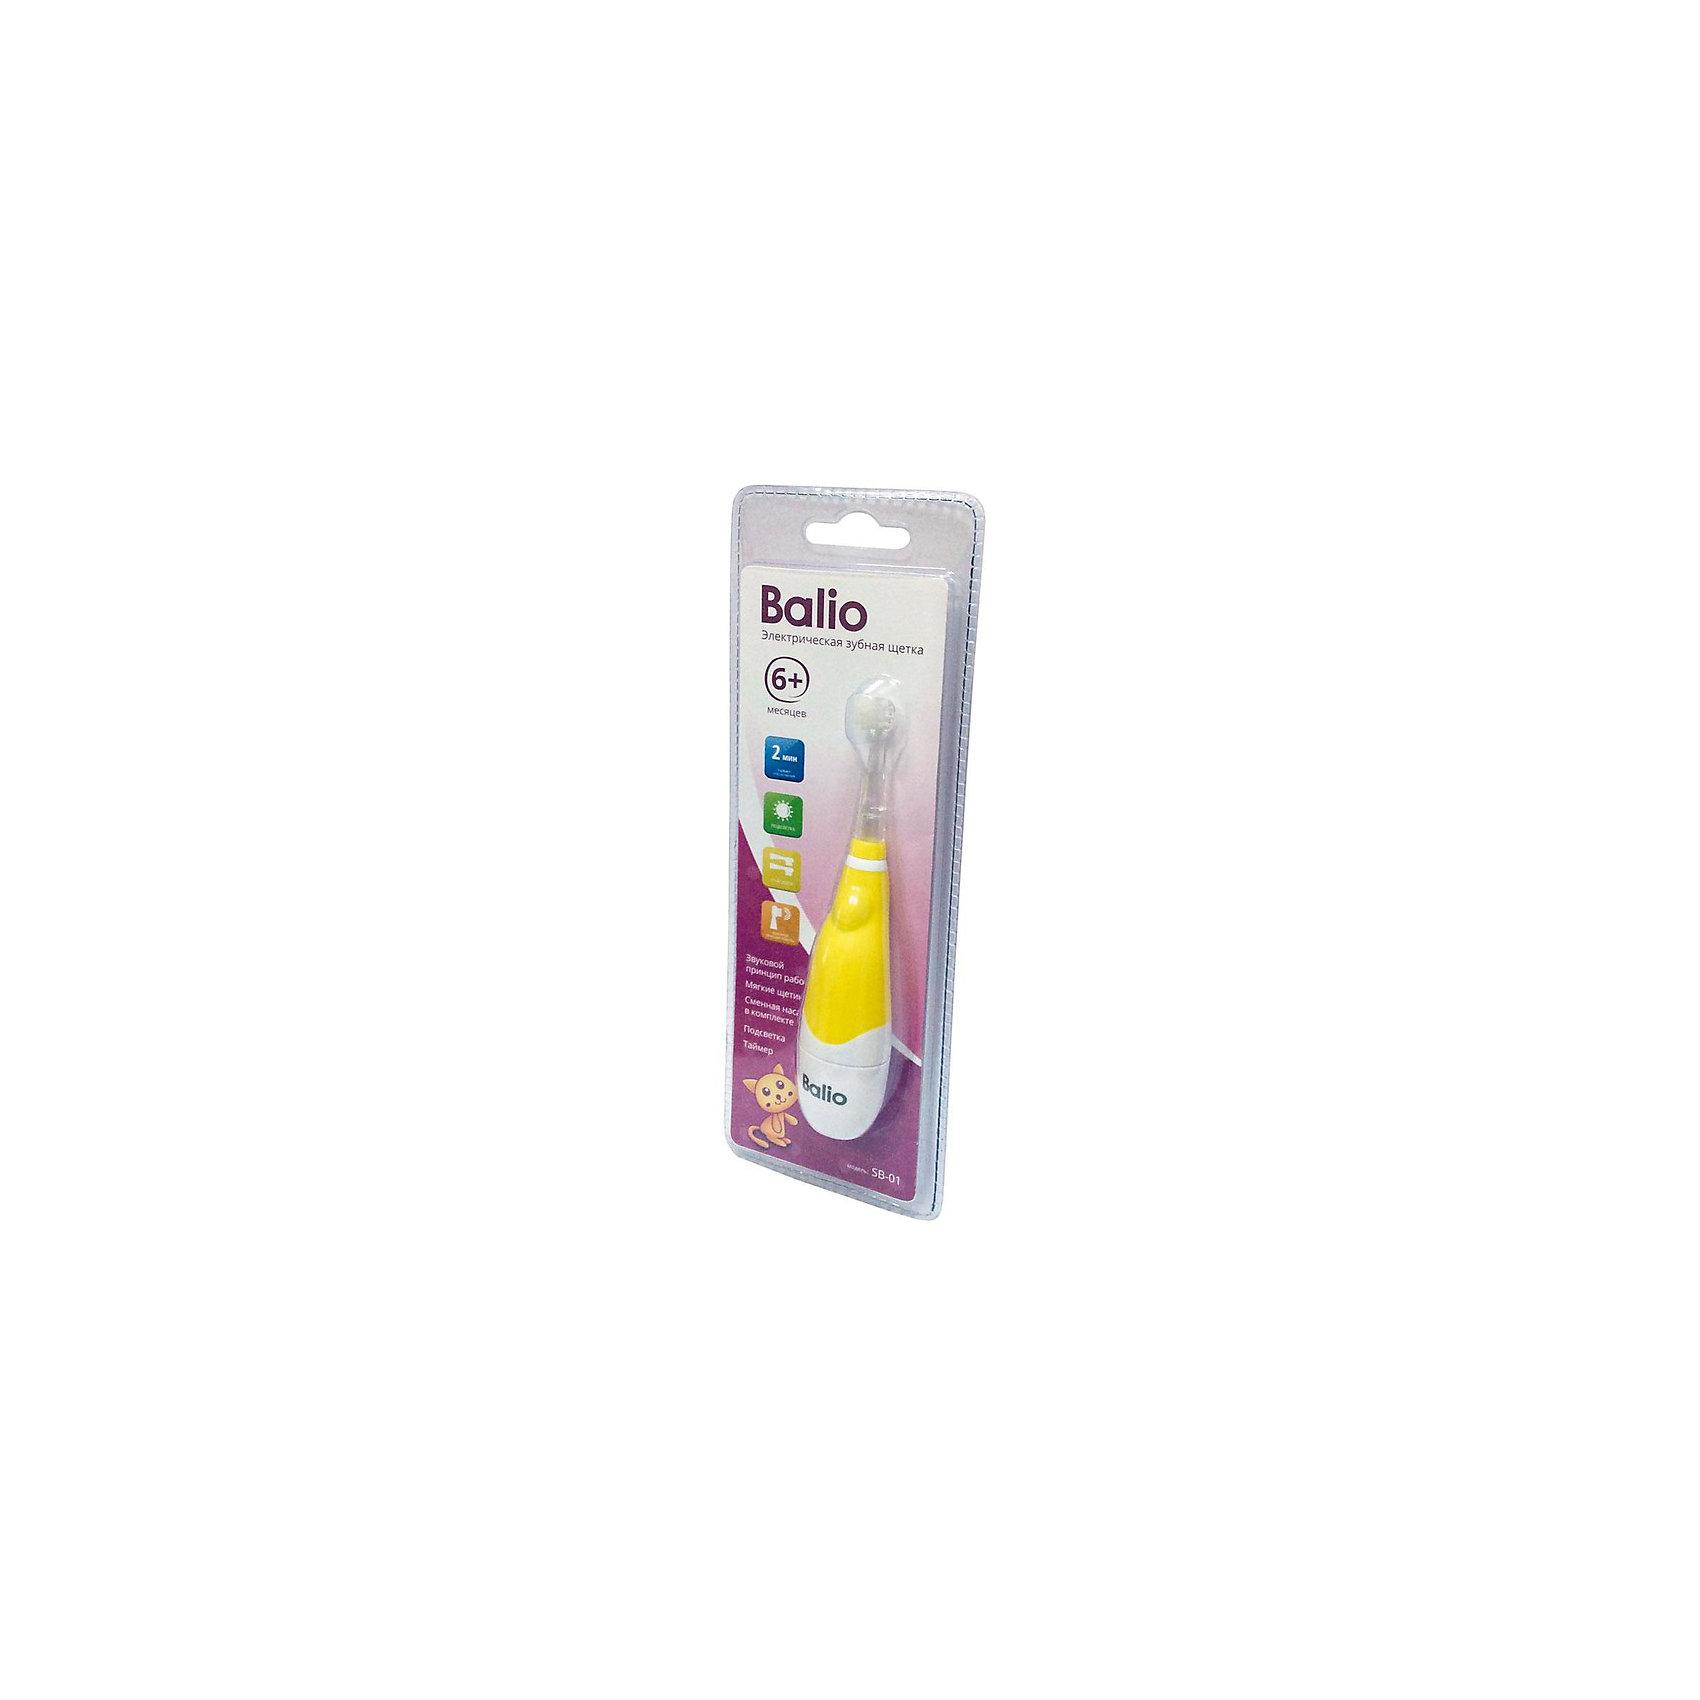 Зубная щетка электрическая SB-01 Balio